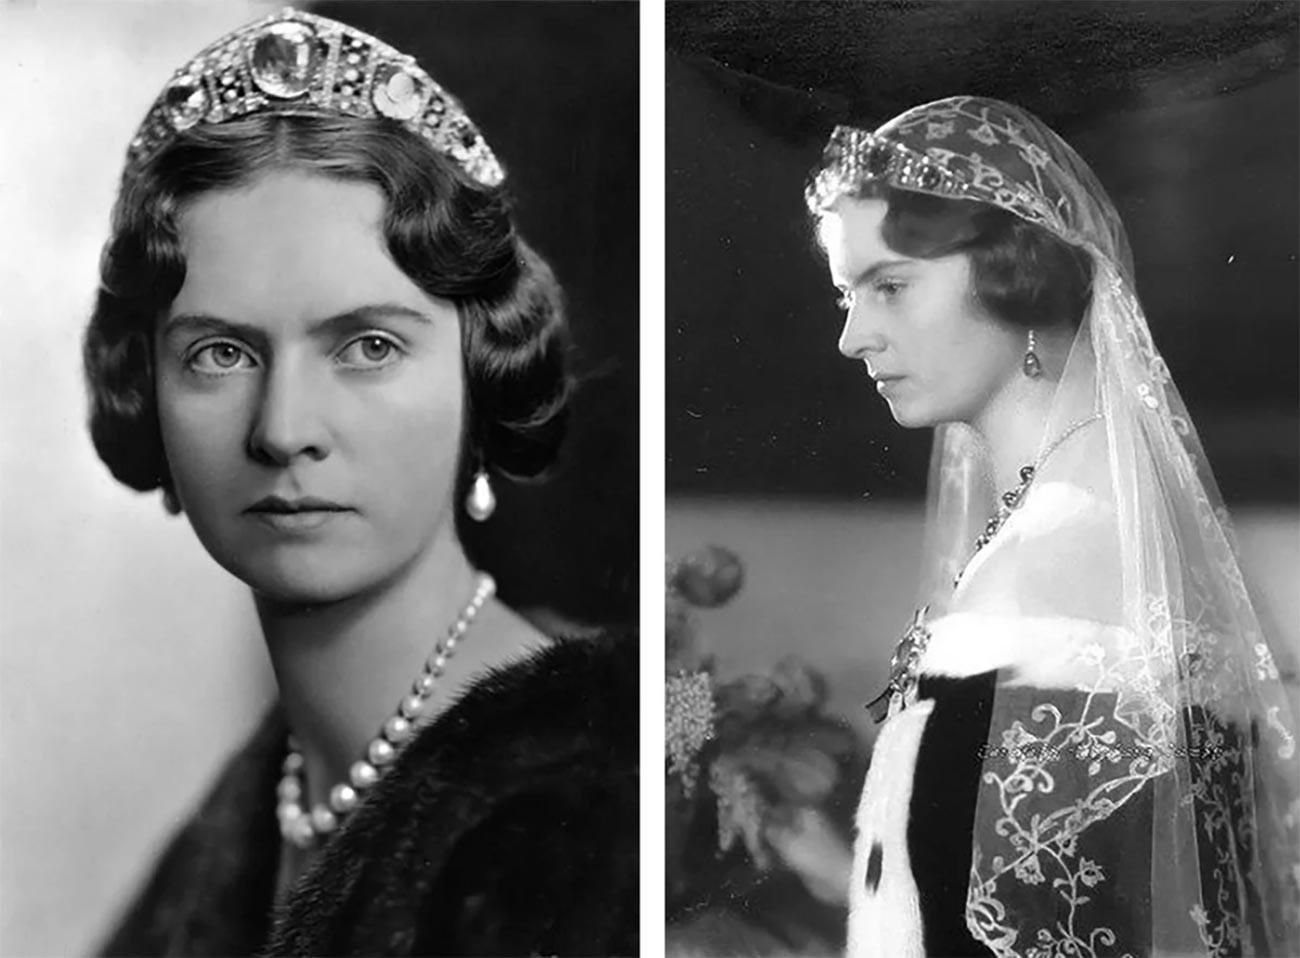 La principessa Sibilla di Sassonia-Coburgo-Gotha